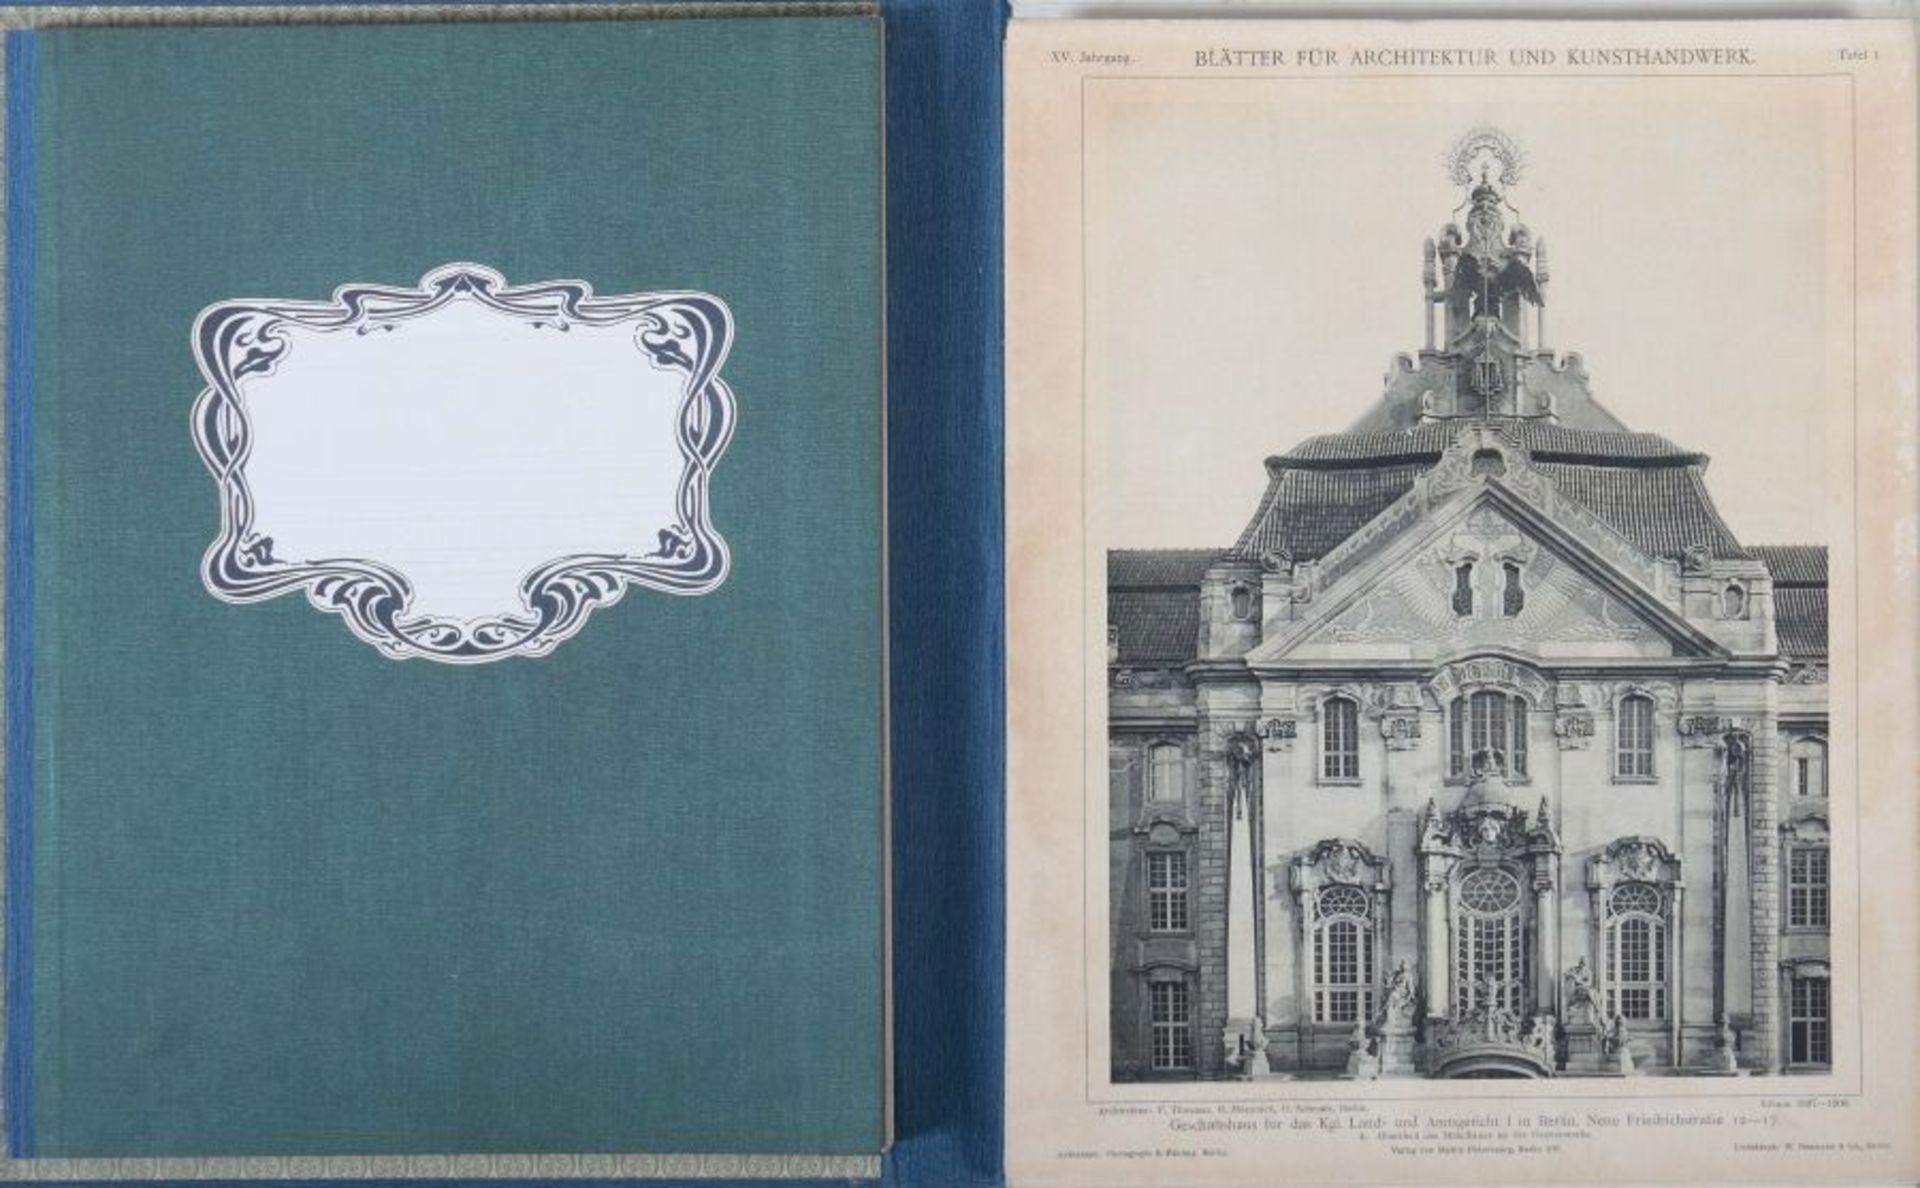 Blätter für Architektur und Kunsthandwerk Oldenbourg/Spielmeyer, Berlin, 1900-02, 3 Bde., je mit - Bild 3 aus 6